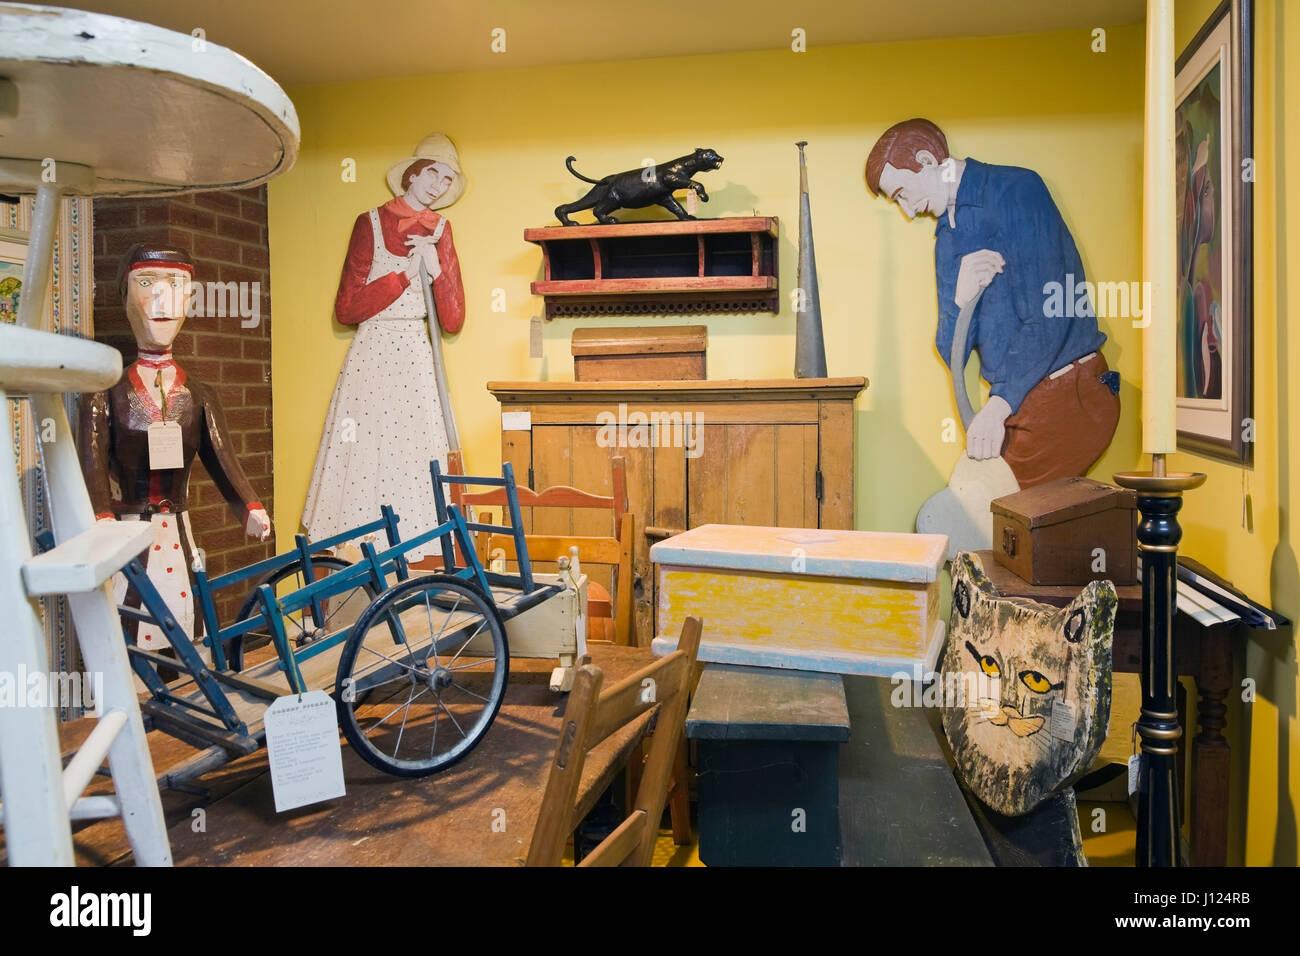 Arredamento Antico Interno Case : Antichi oggetti in legno e gli arredi all interno di una vecchia